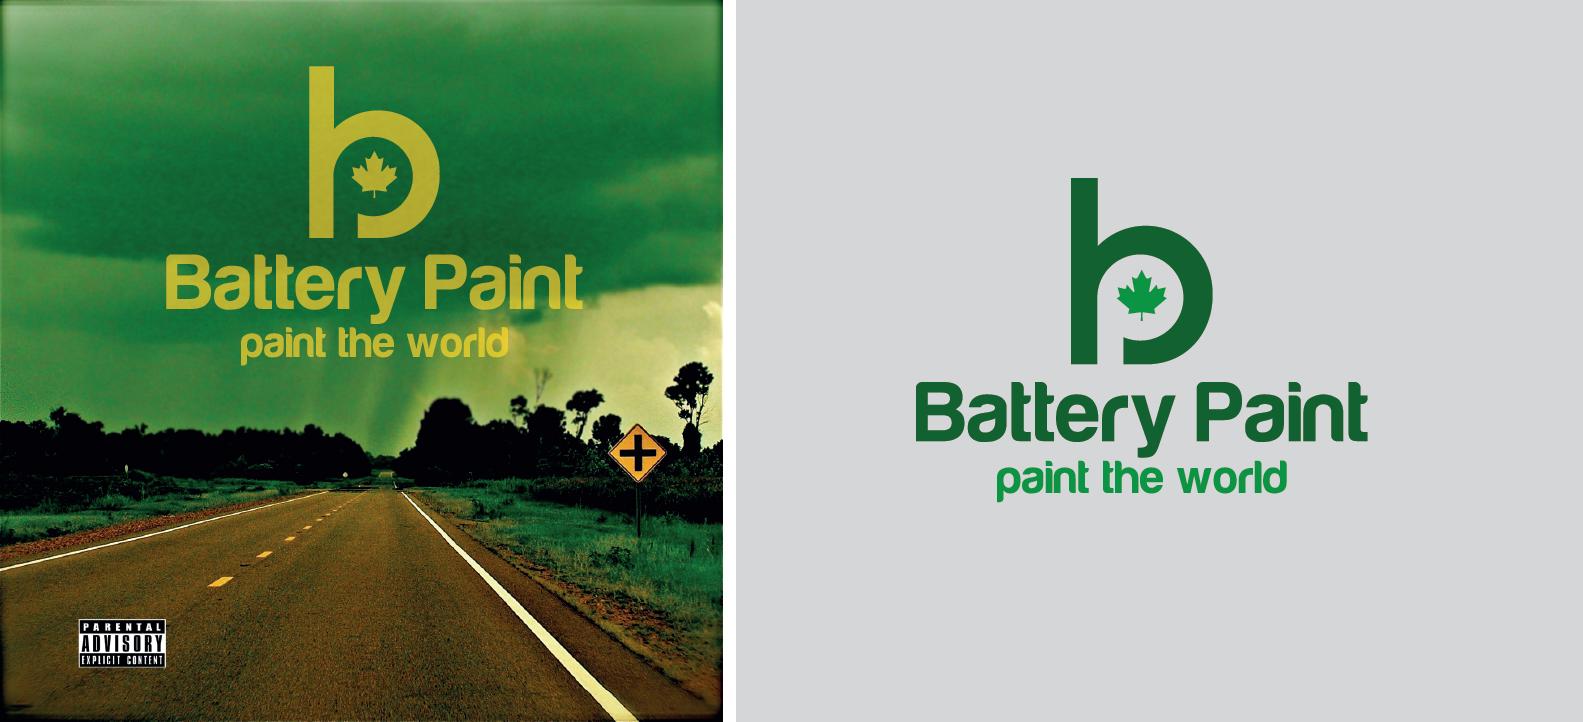 Battery-Paint  needs a new logo